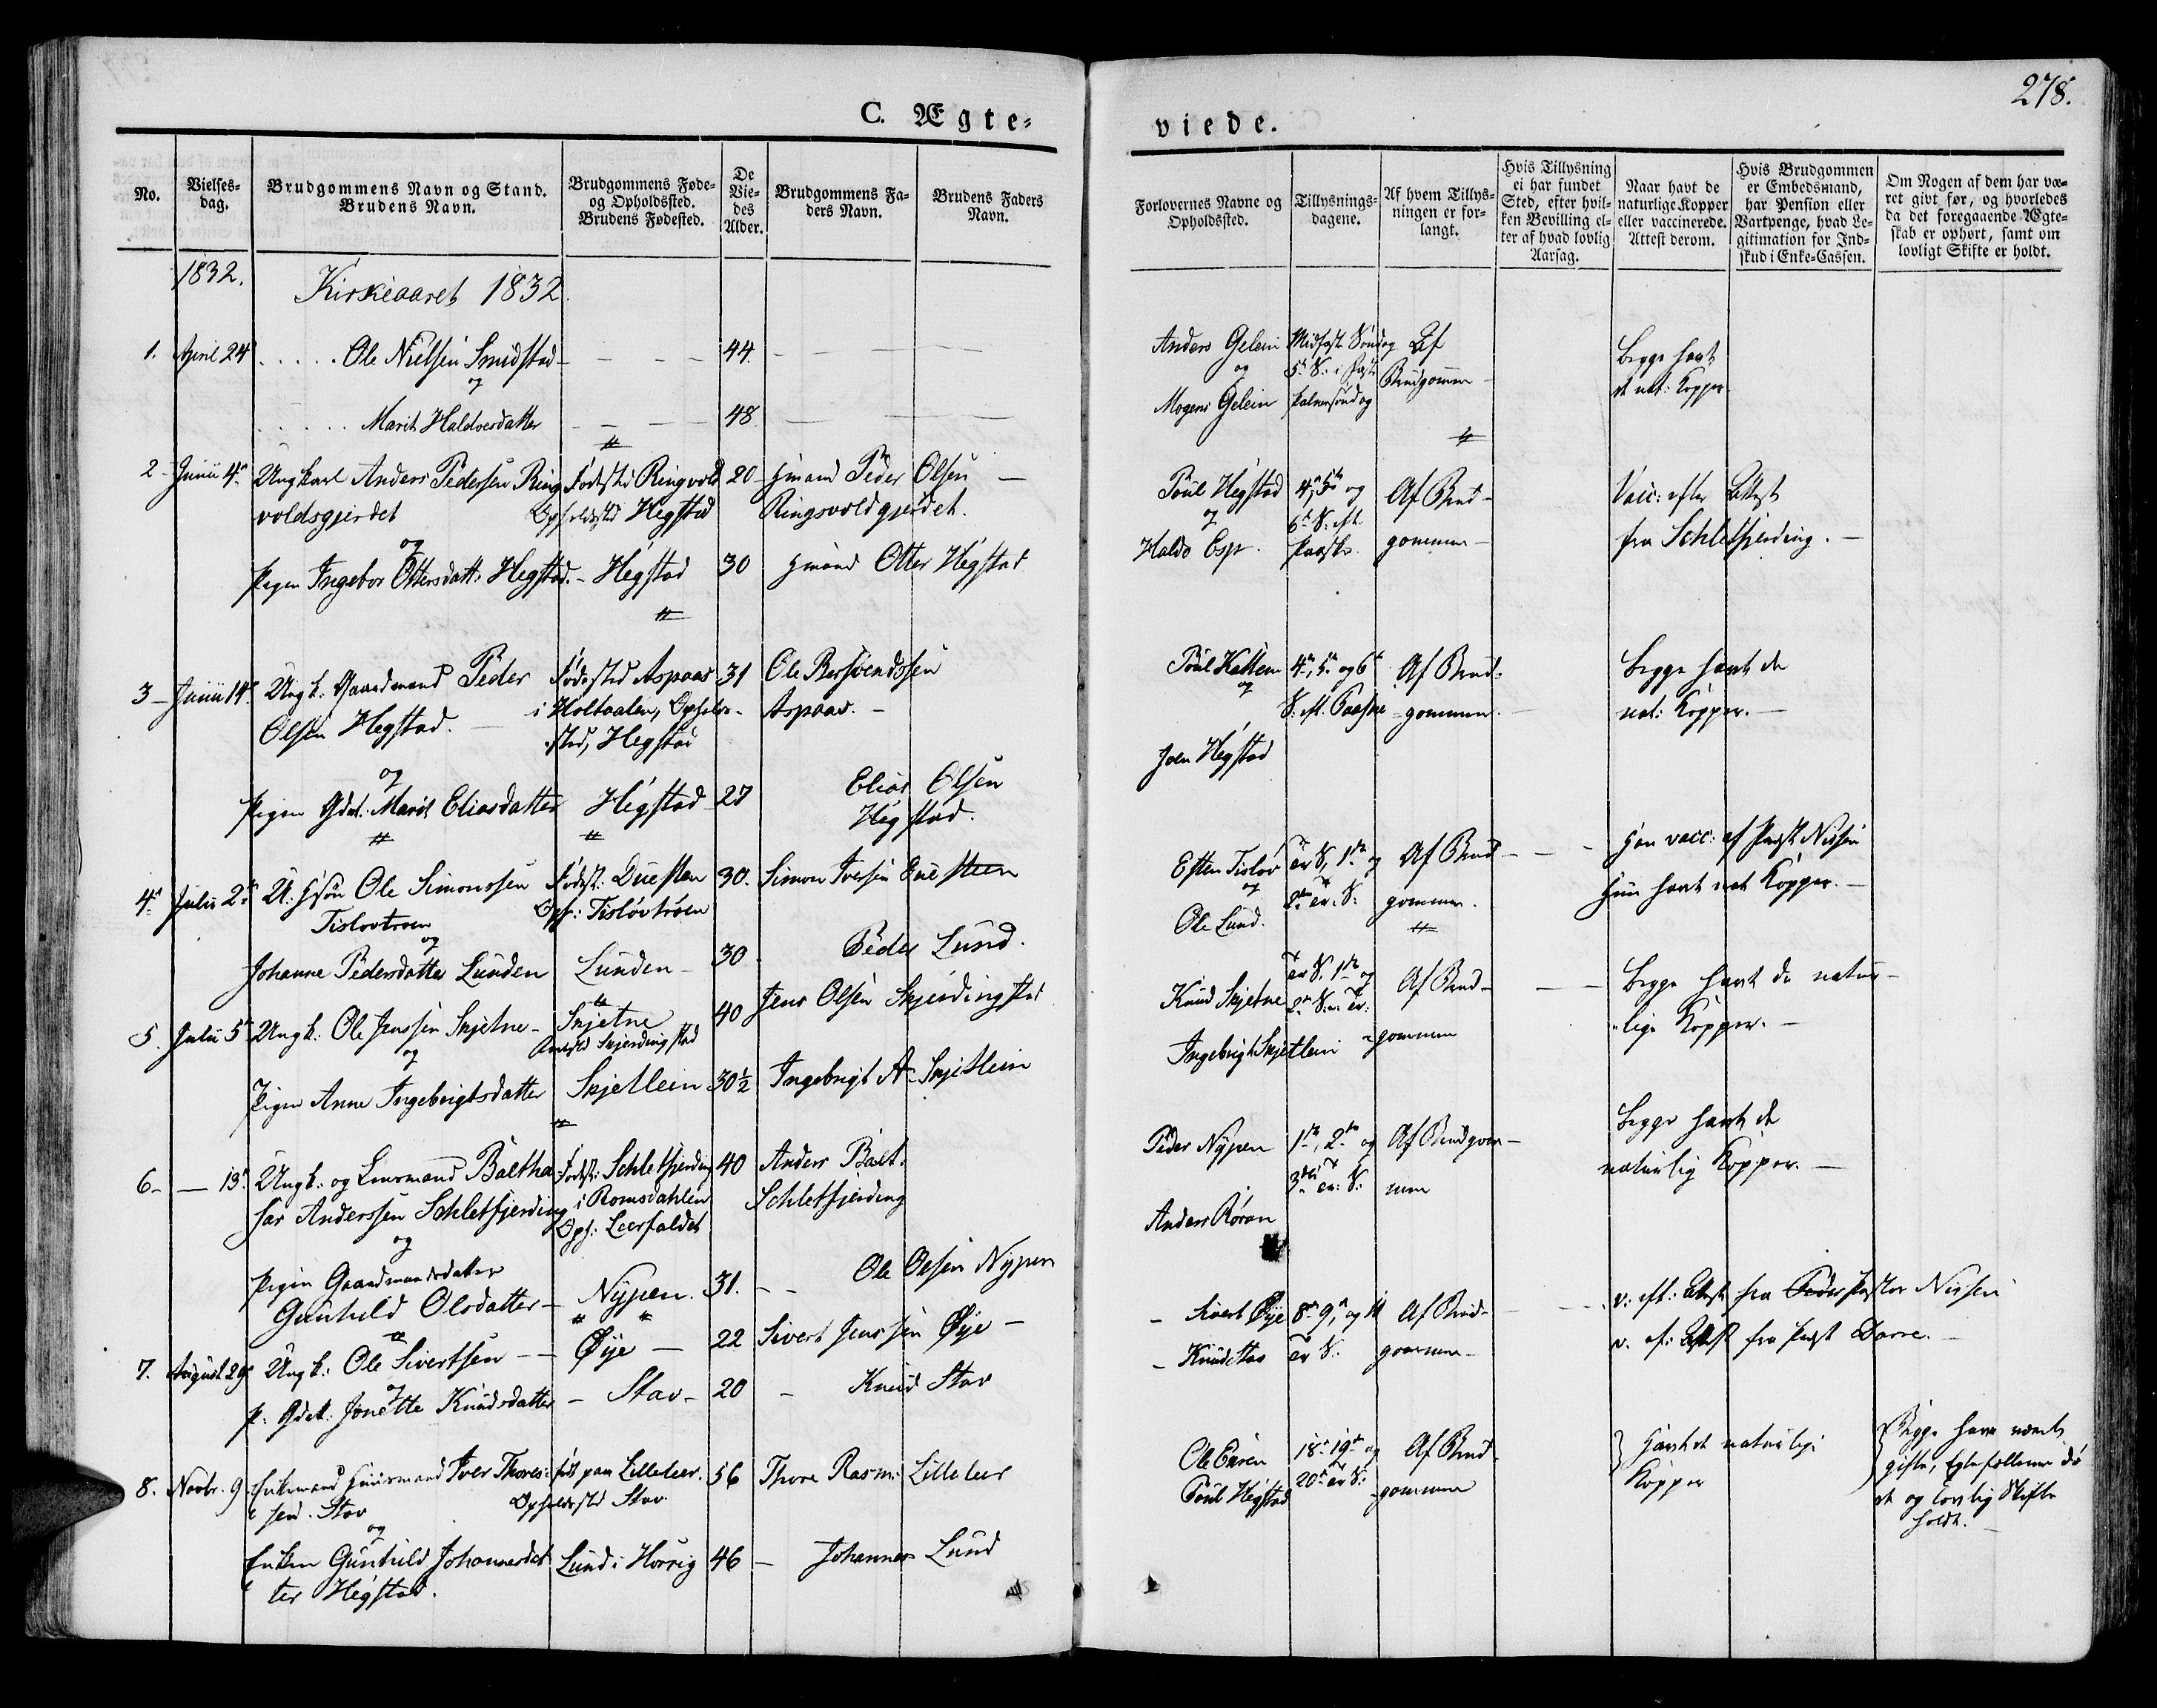 SAT, Ministerialprotokoller, klokkerbøker og fødselsregistre - Sør-Trøndelag, 691/L1071: Ministerialbok nr. 691A05 /2, 1826-1841, s. 278